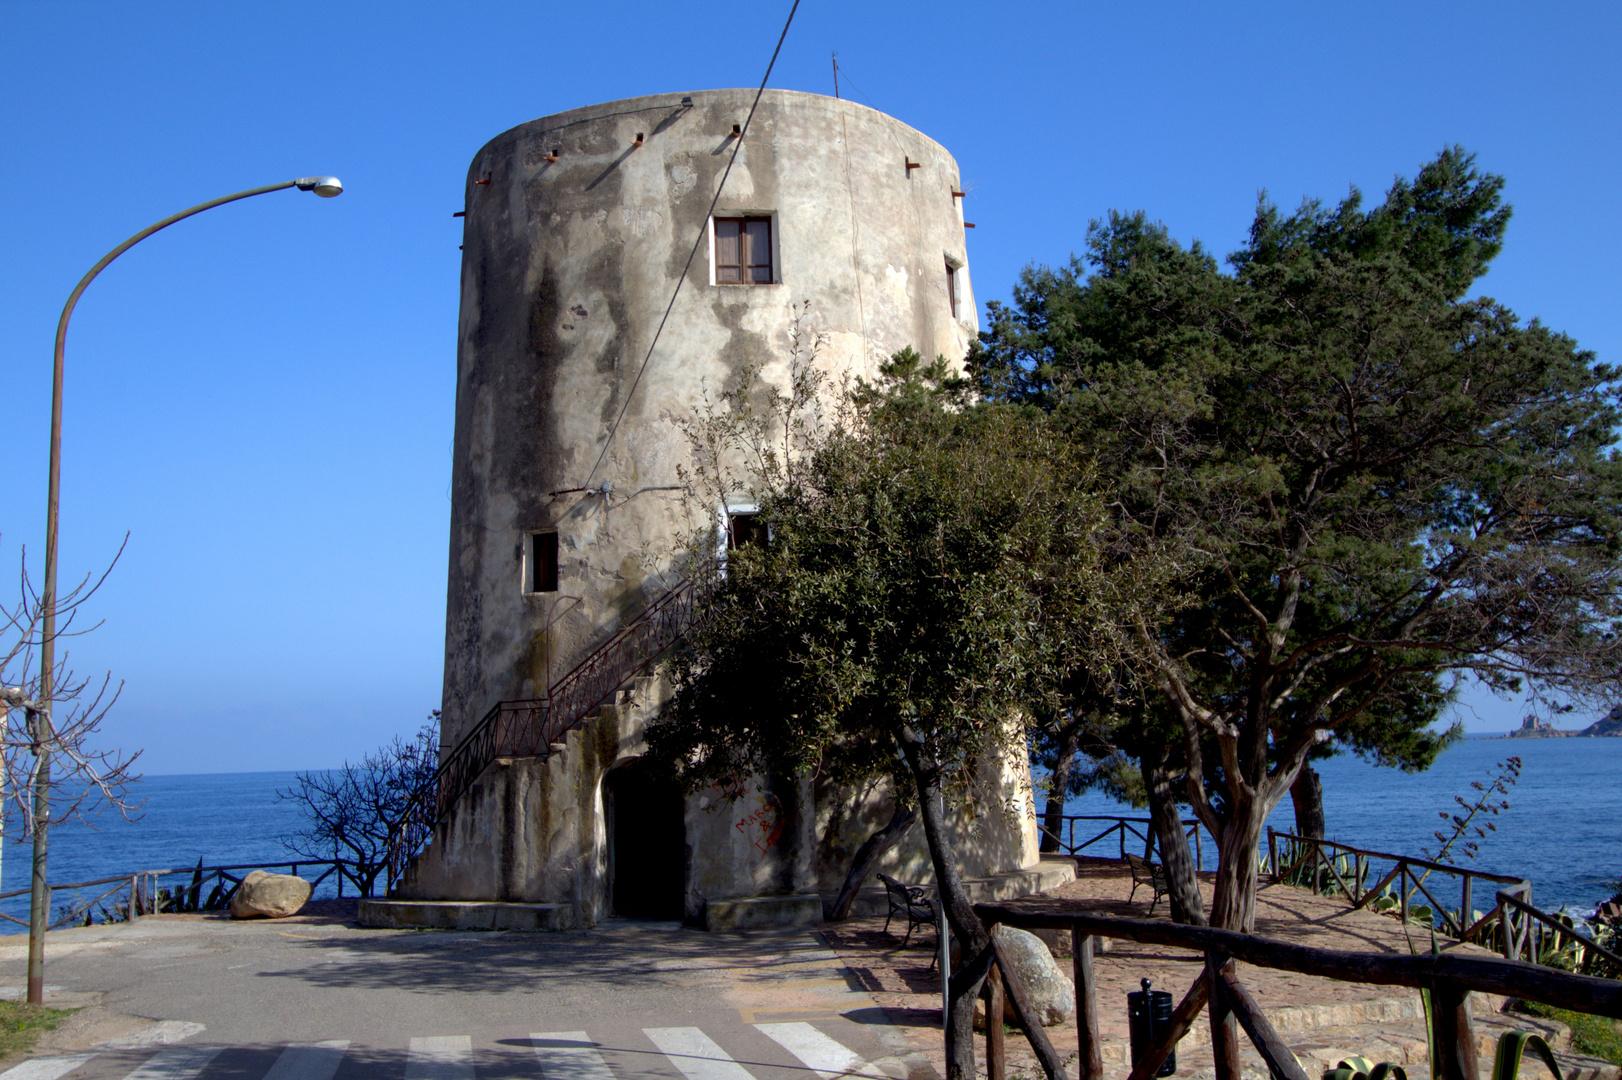 Sarazenenturm in Santa Maria Navarrese, Sardinien